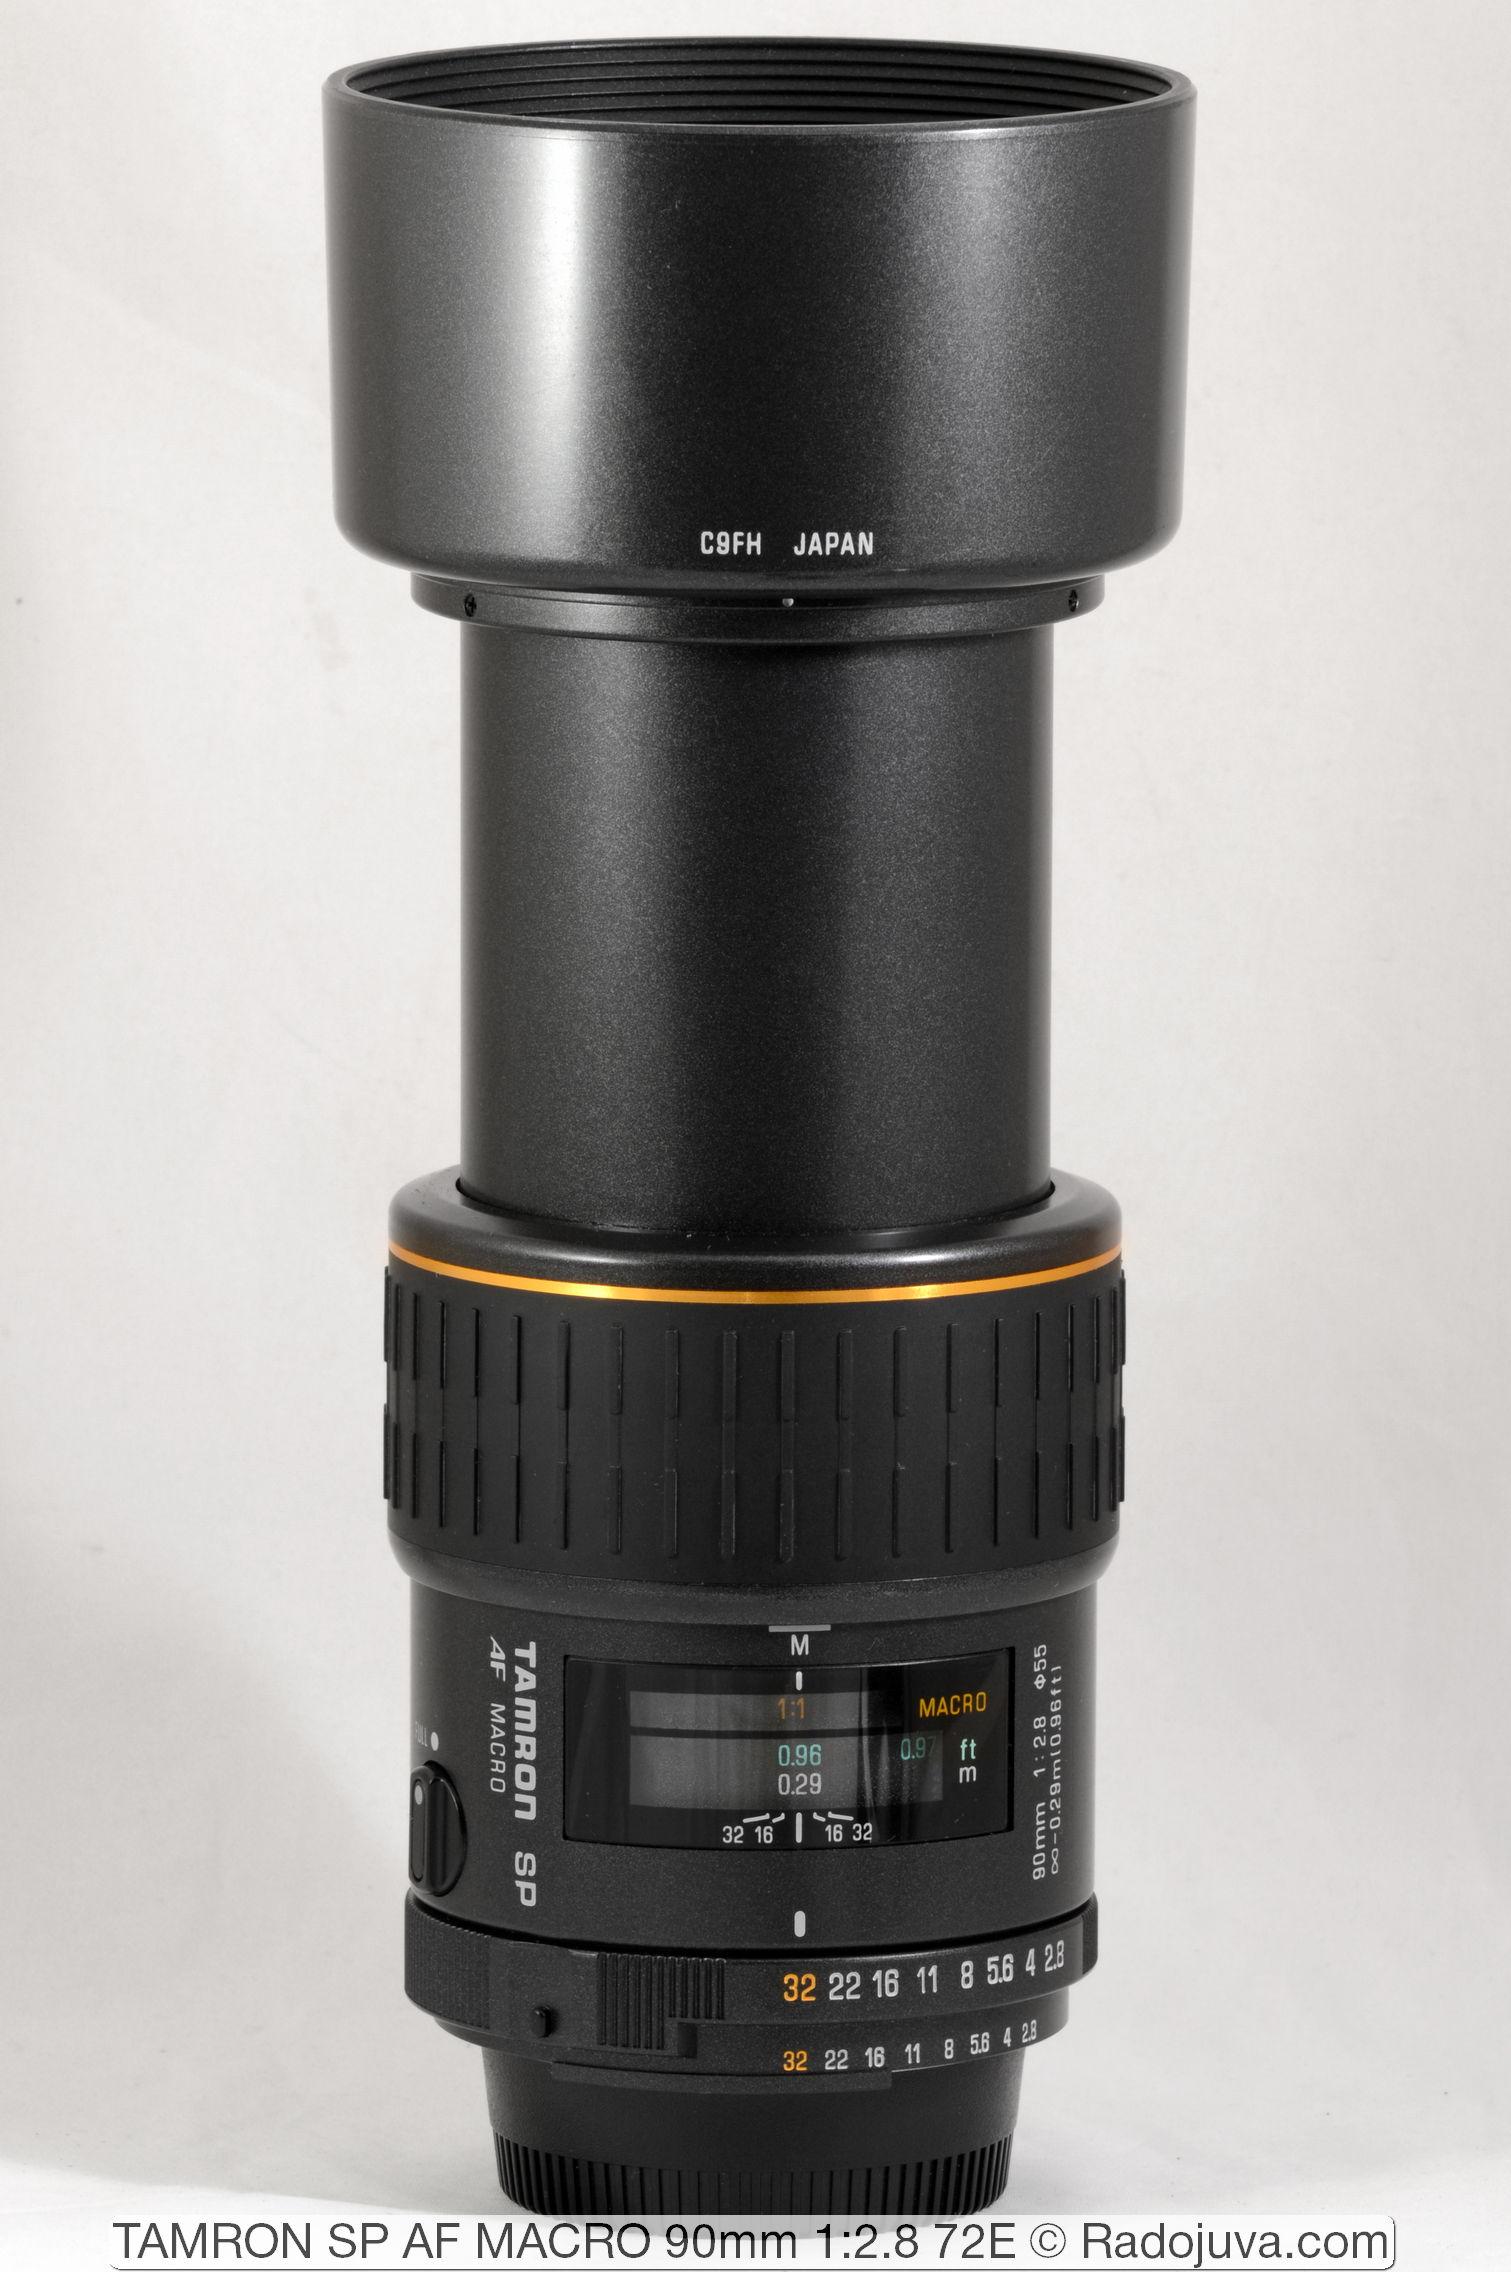 TAMRON SP AF MACRO 90mm 1:2.8 72E